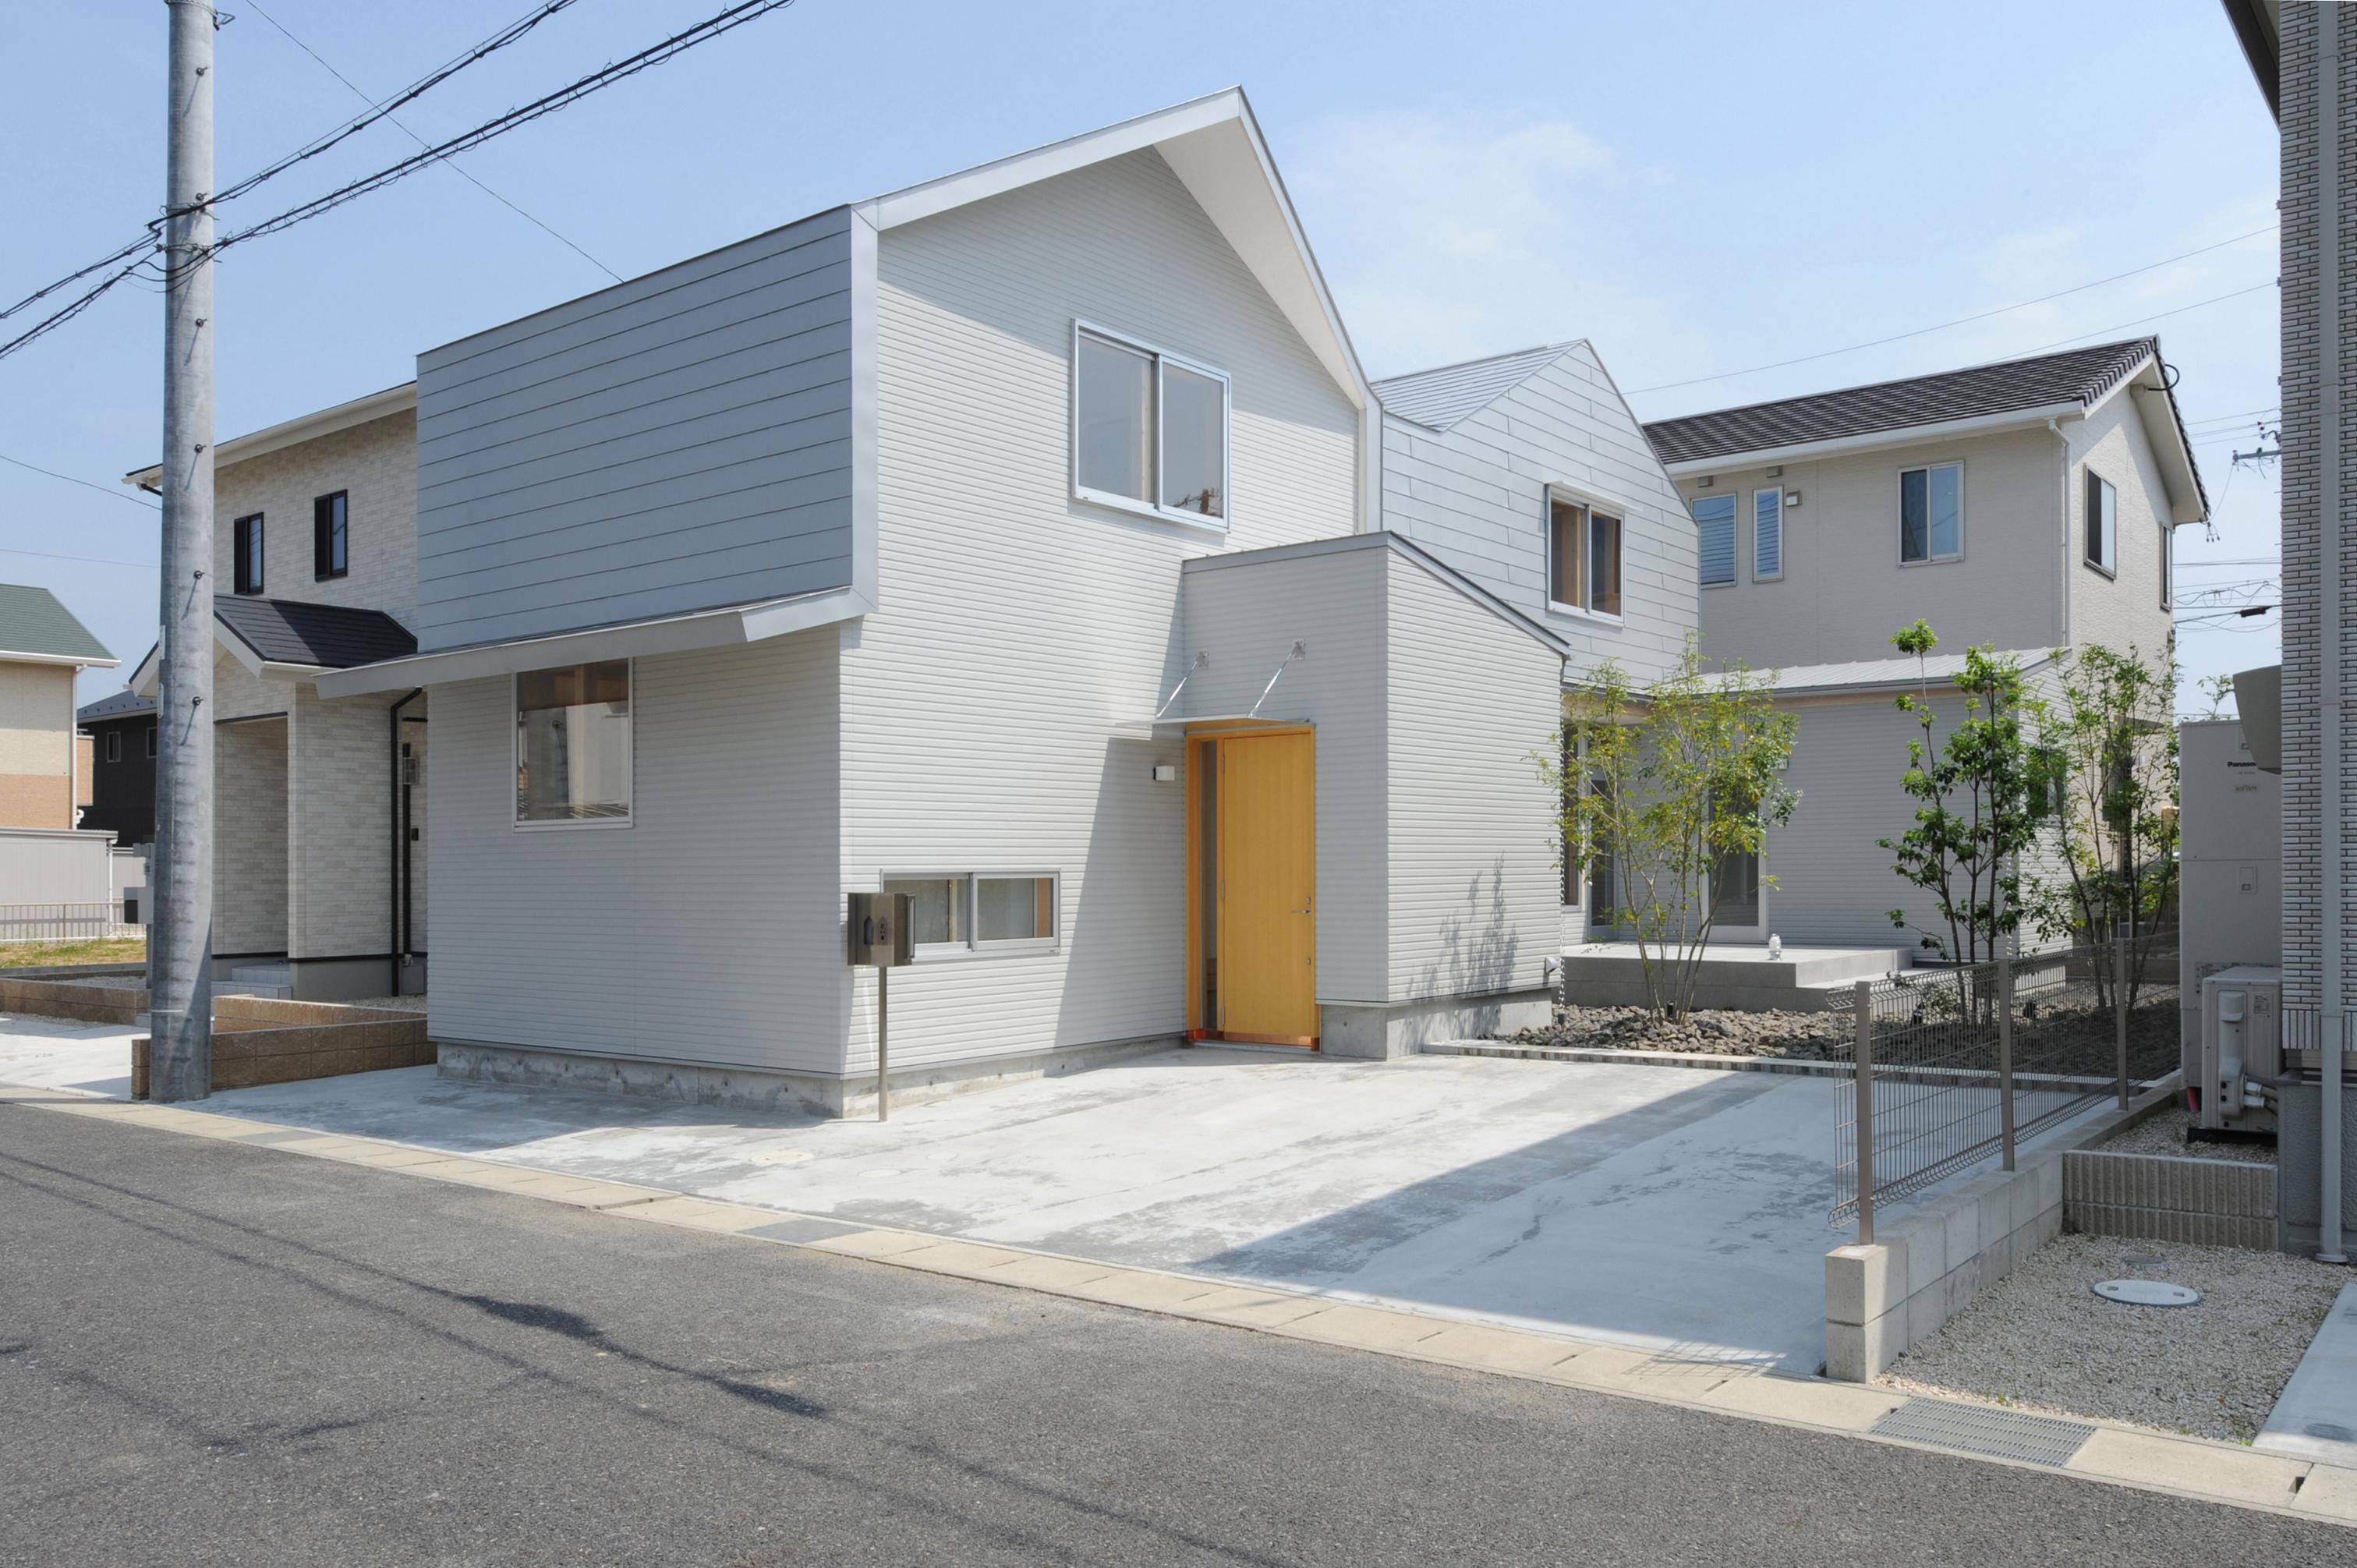 注文住宅,木造,2階建て,三重県亀山市,㈱大野工務店